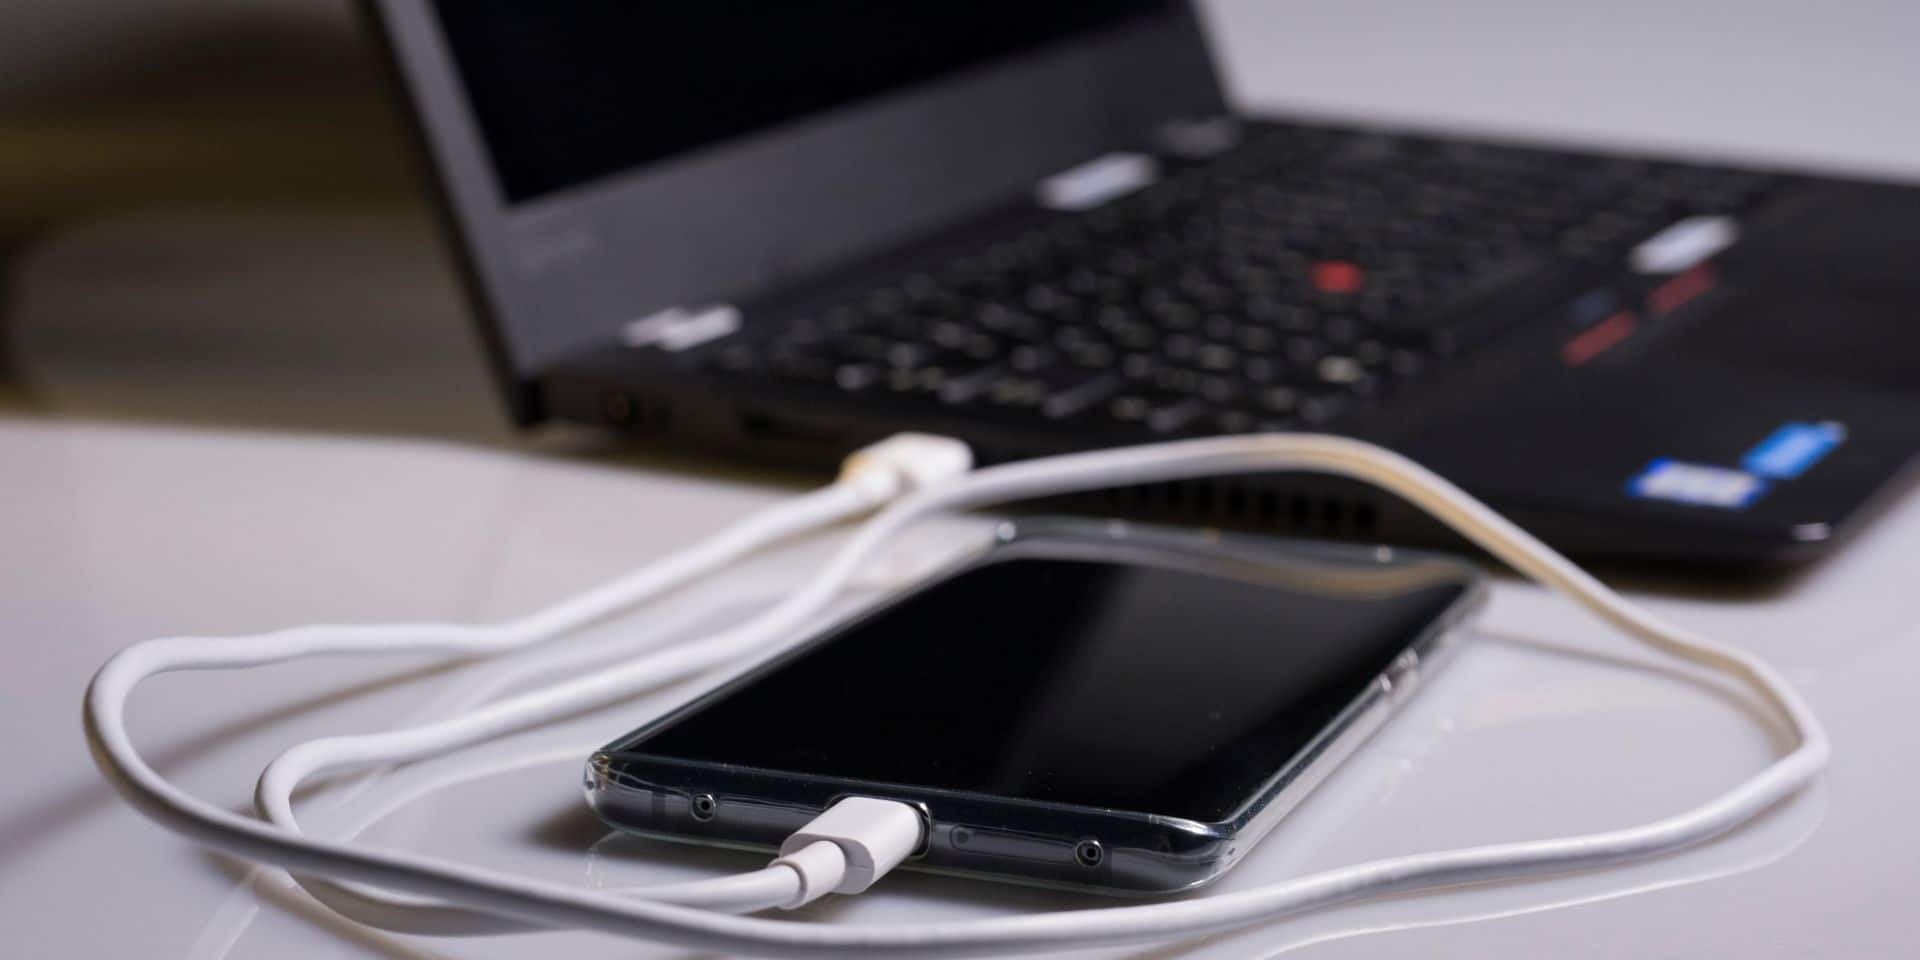 Bientôt un chargeur unique pour tous les téléphones?